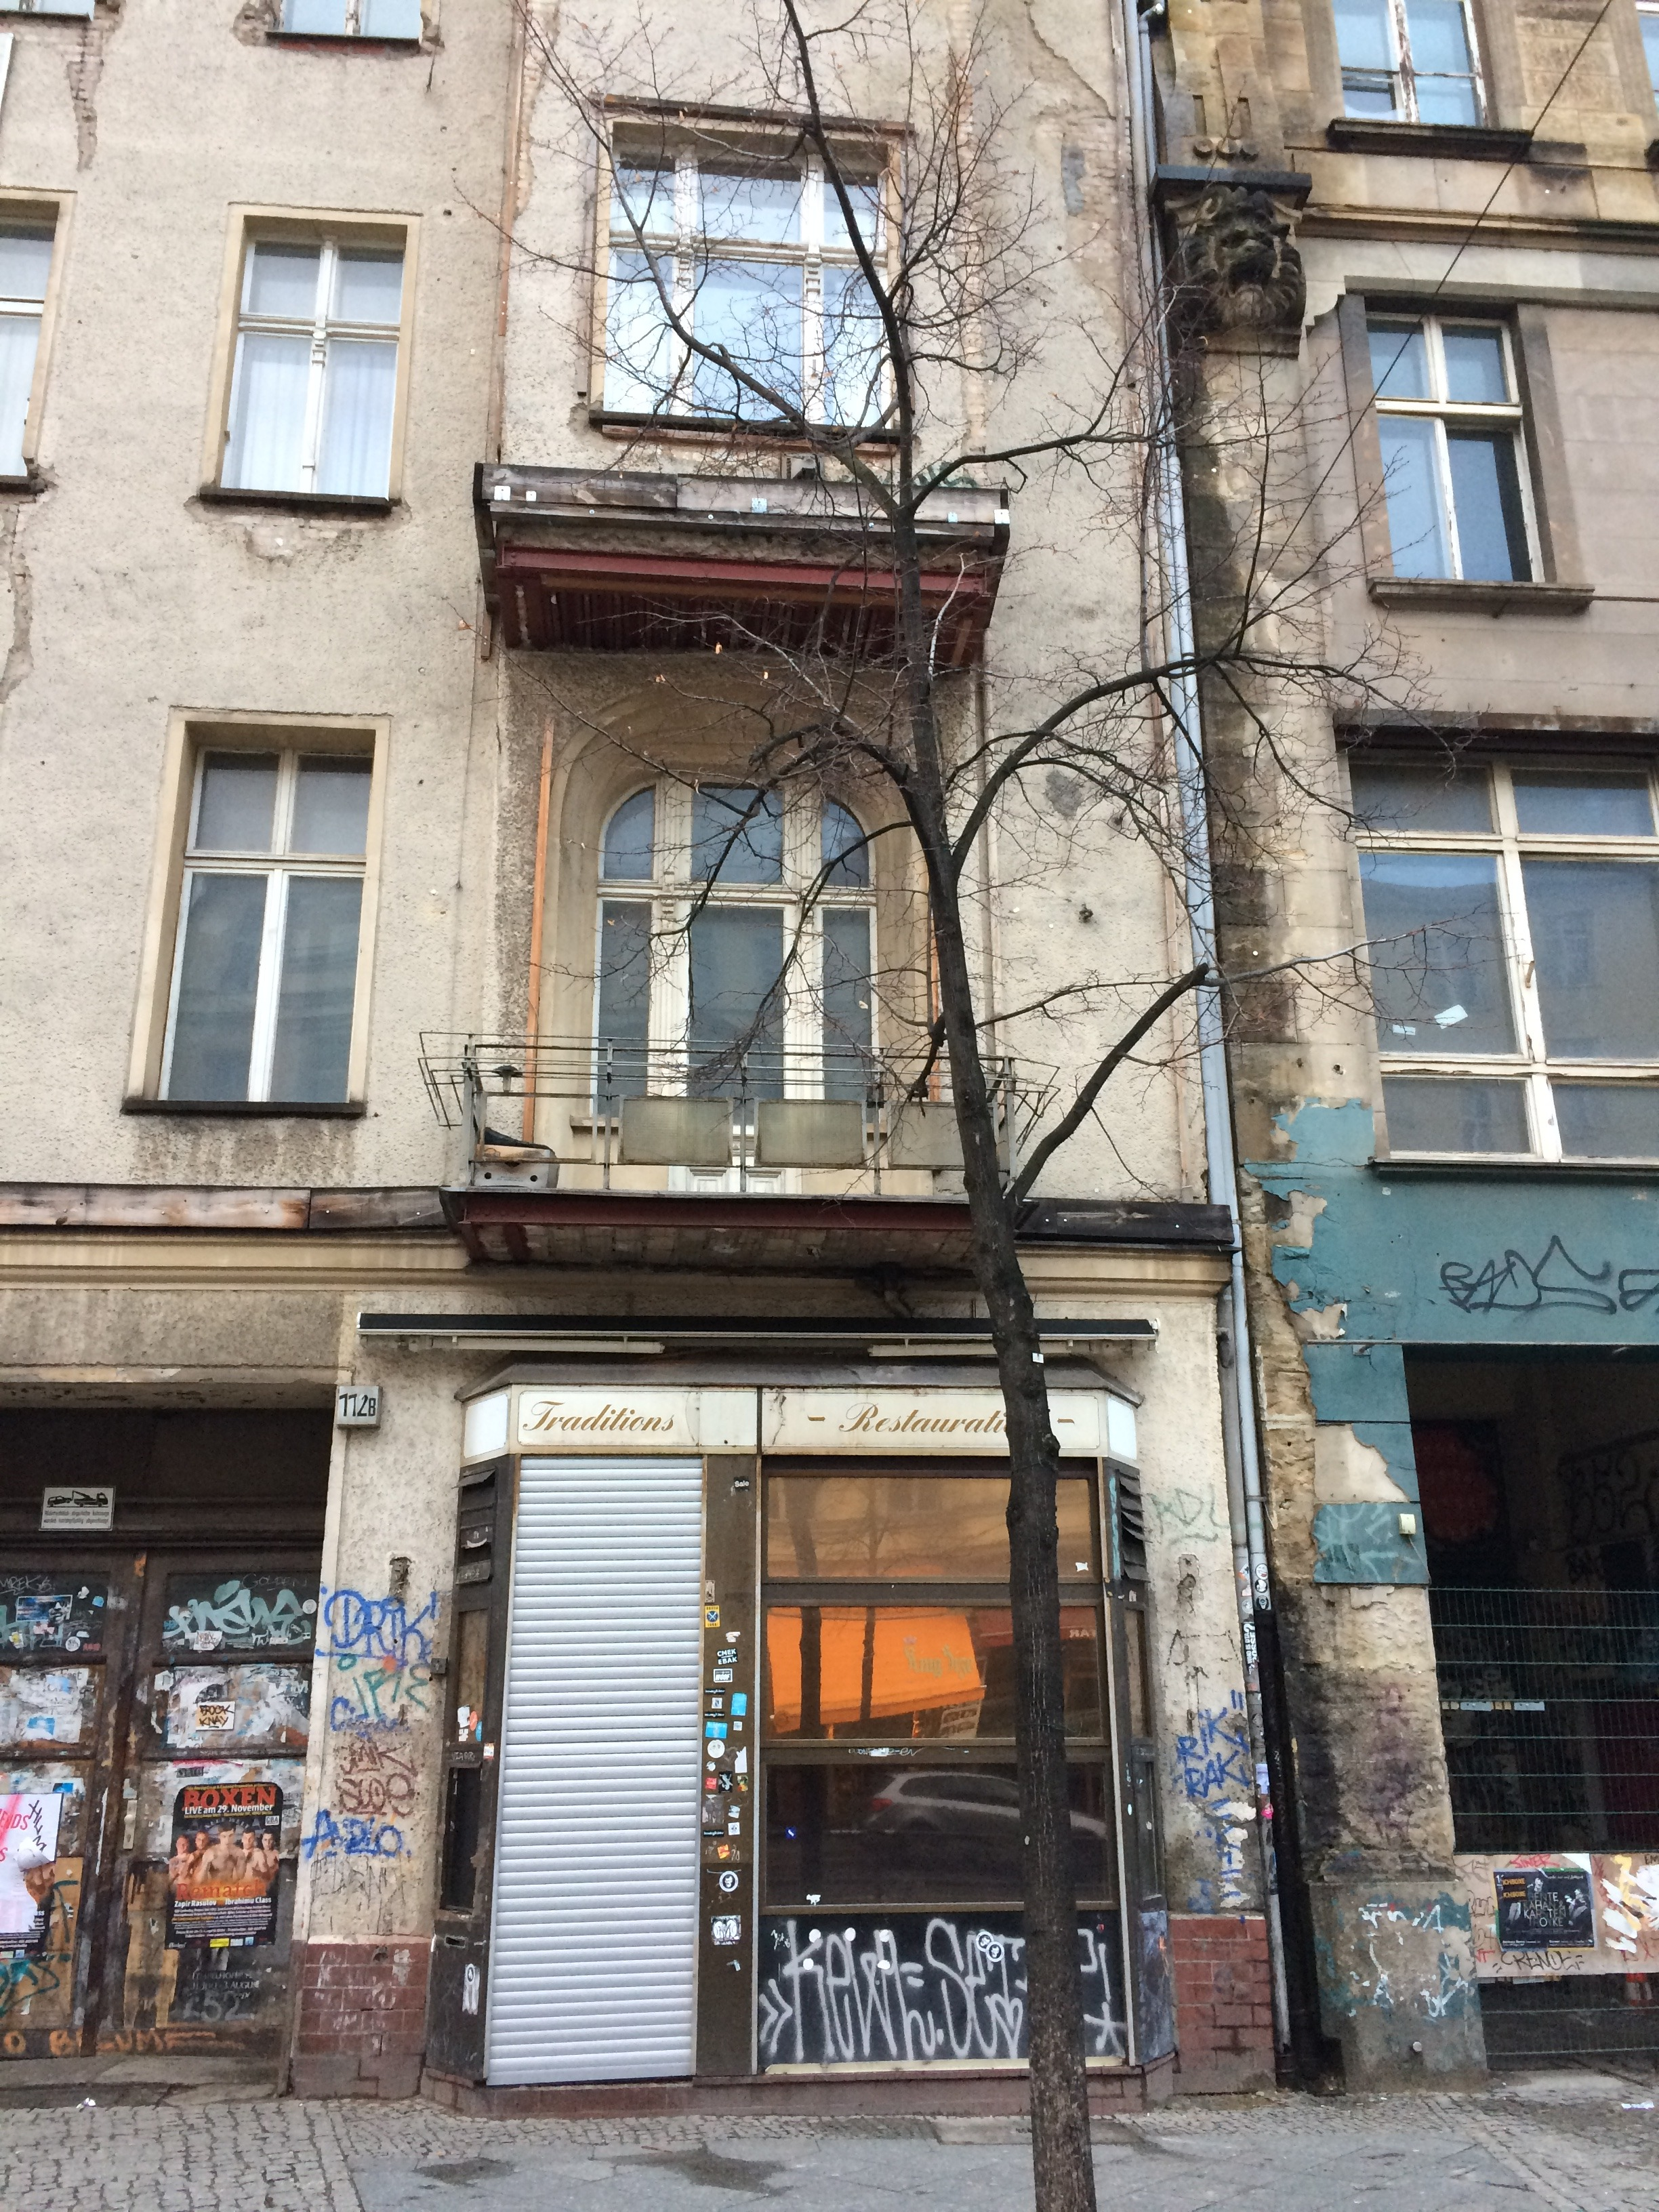 Friedrichstrasse, Berlino. Lebensraum - Berlino 2017